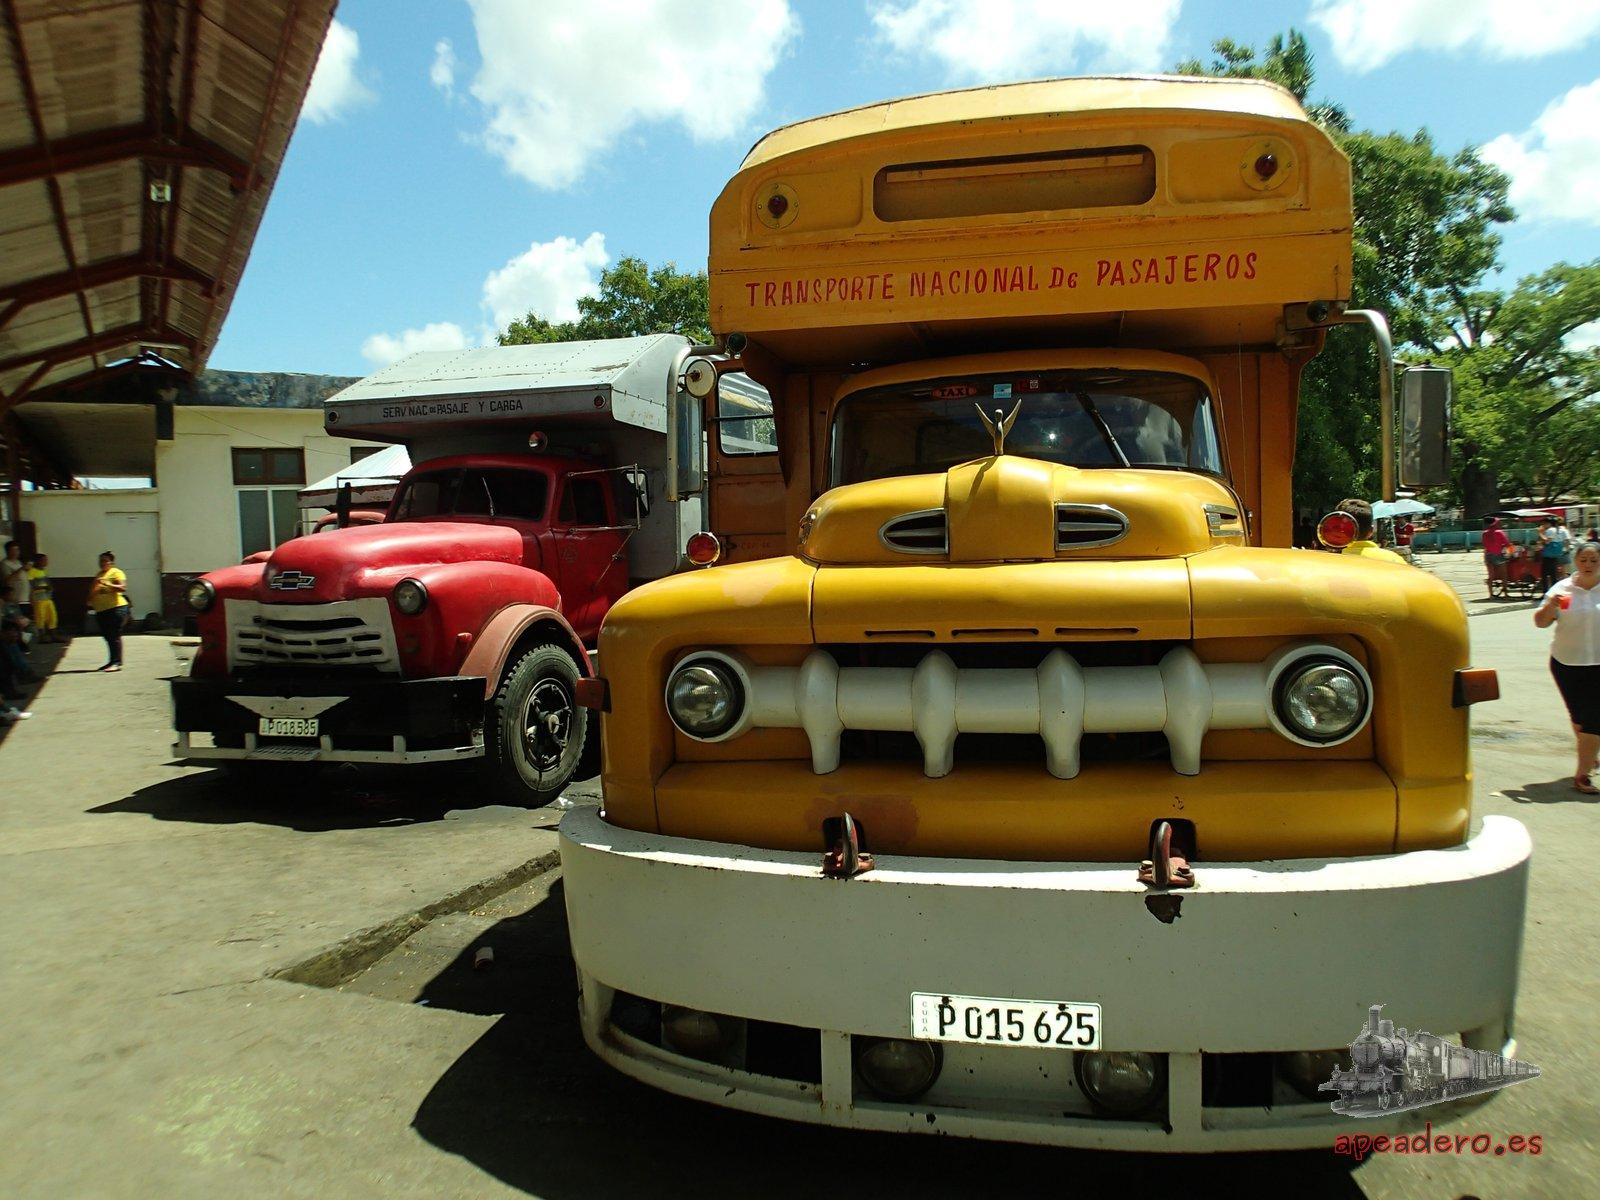 Los camiones son el medio de transporte más  económico en Cuba.